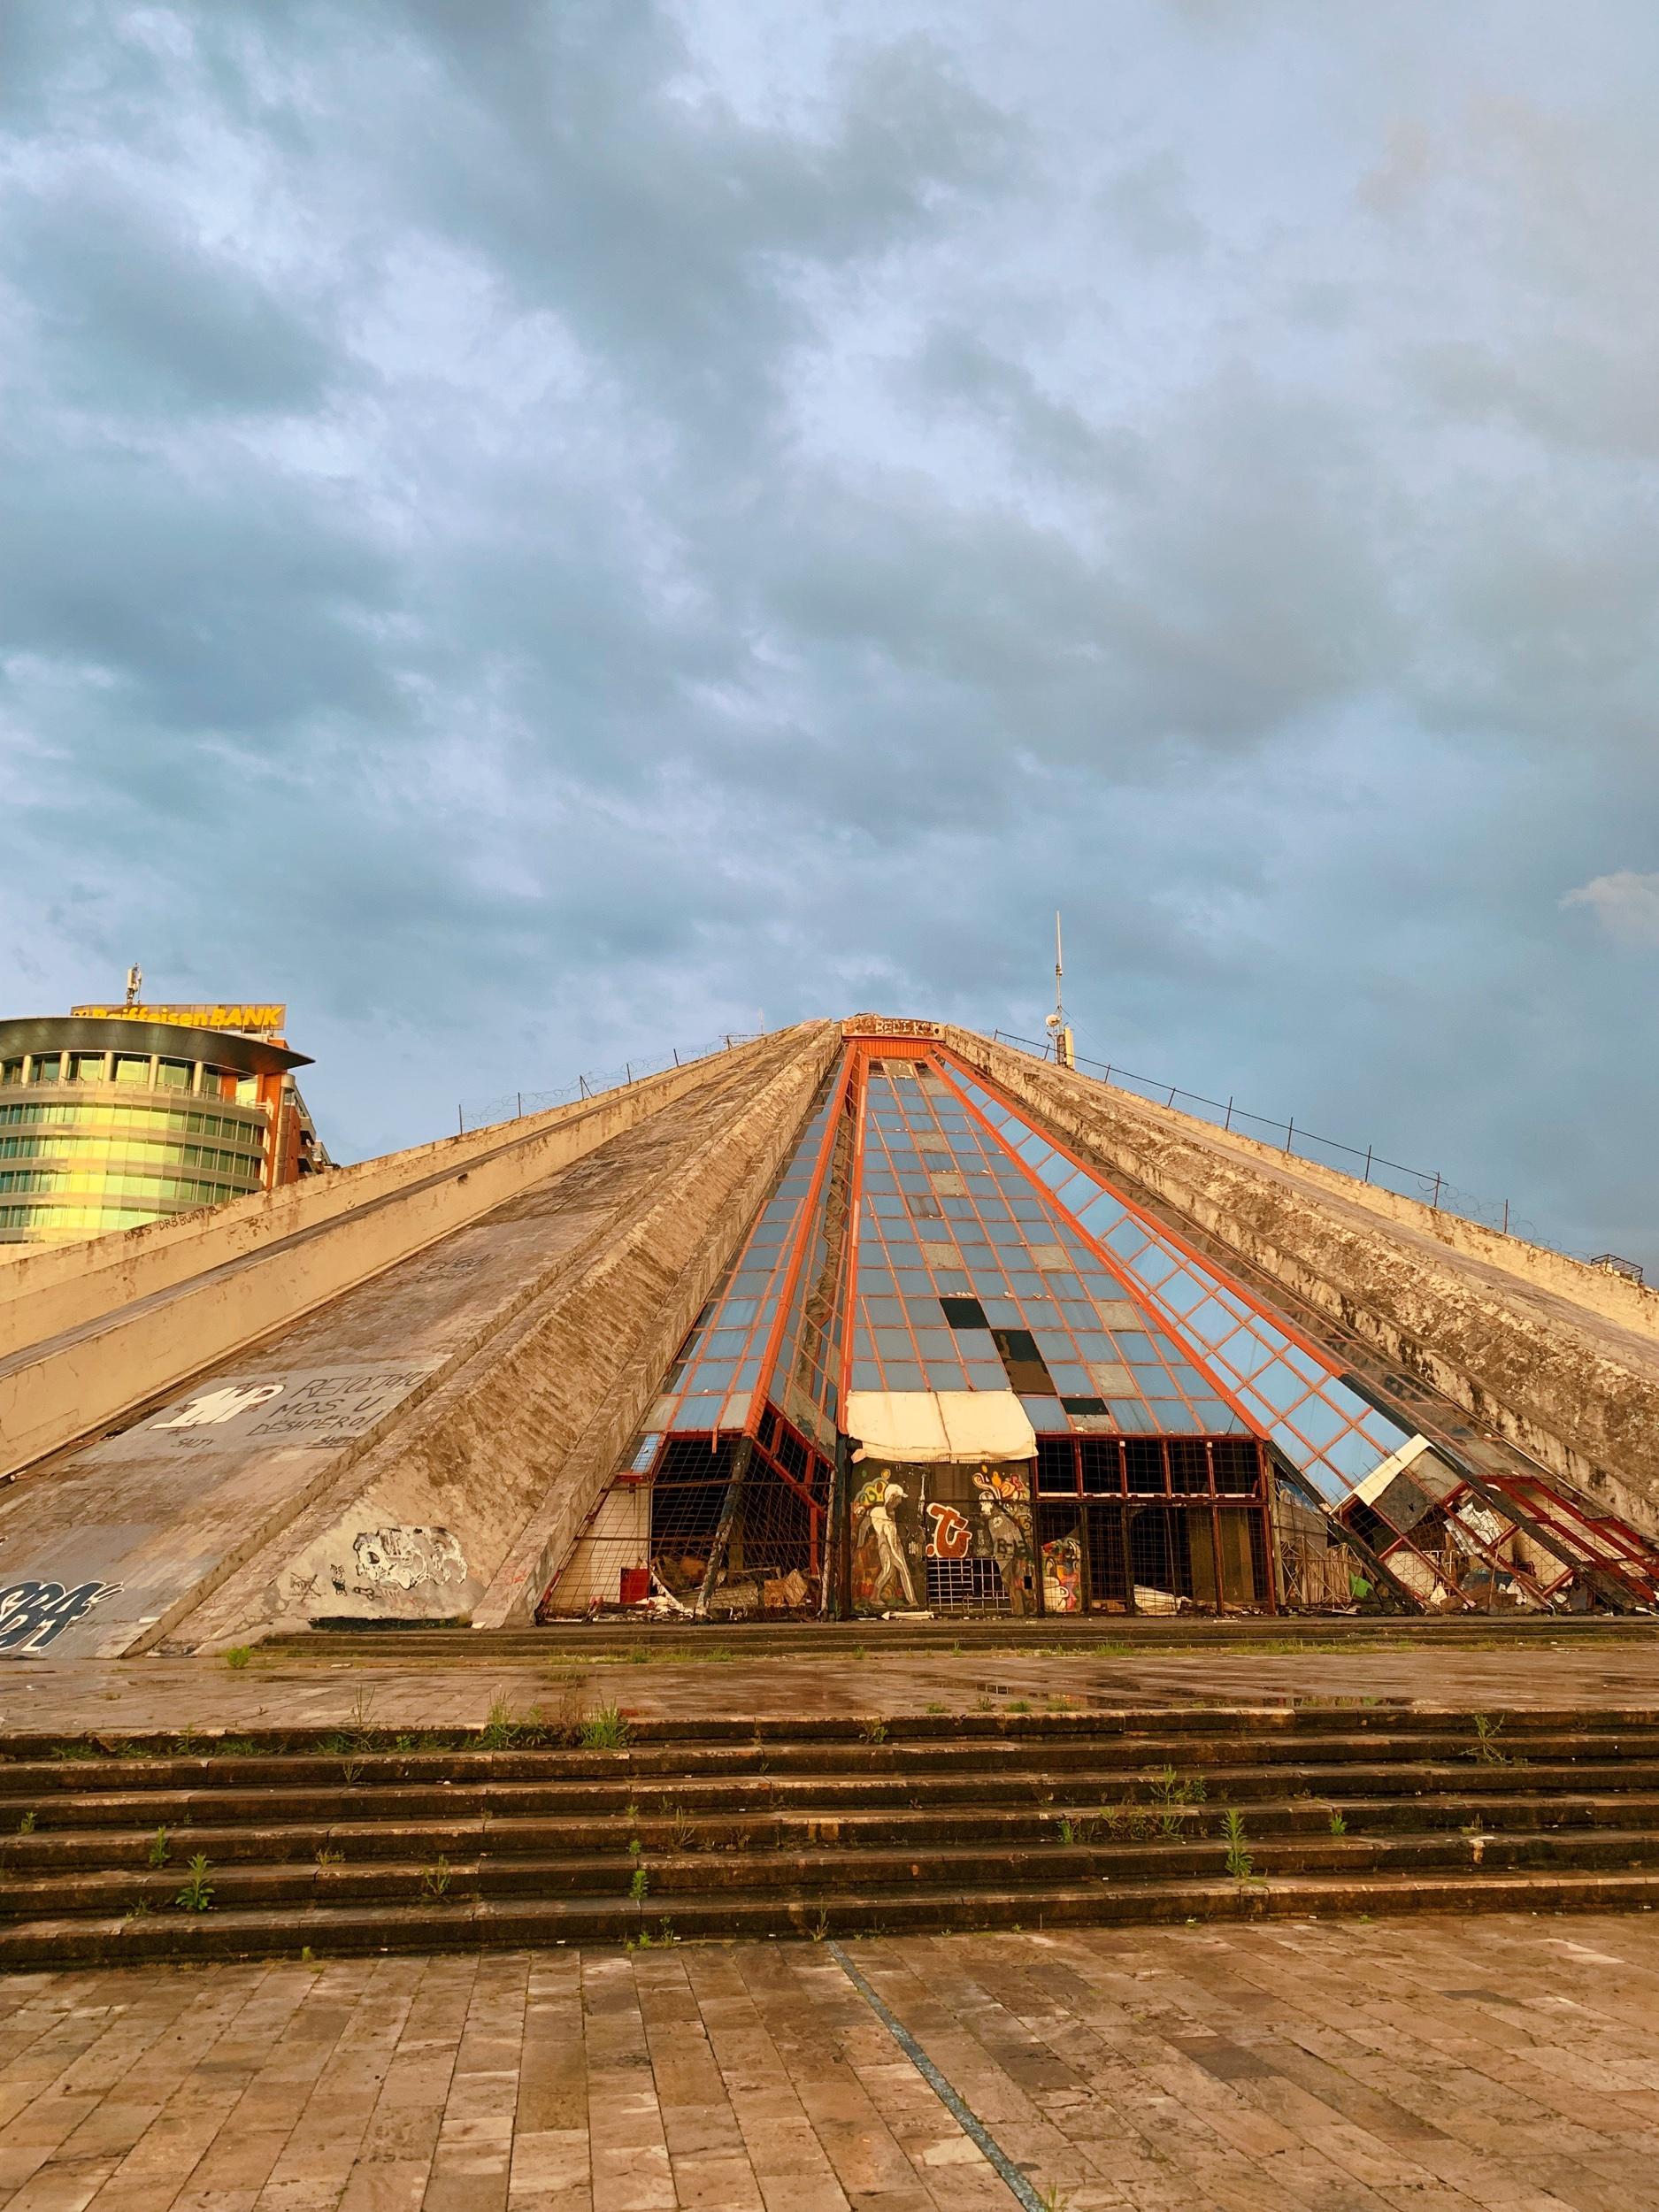 The Pyramid of Tirana, originally built as a museum to honor the dictator Enver Hoxha.